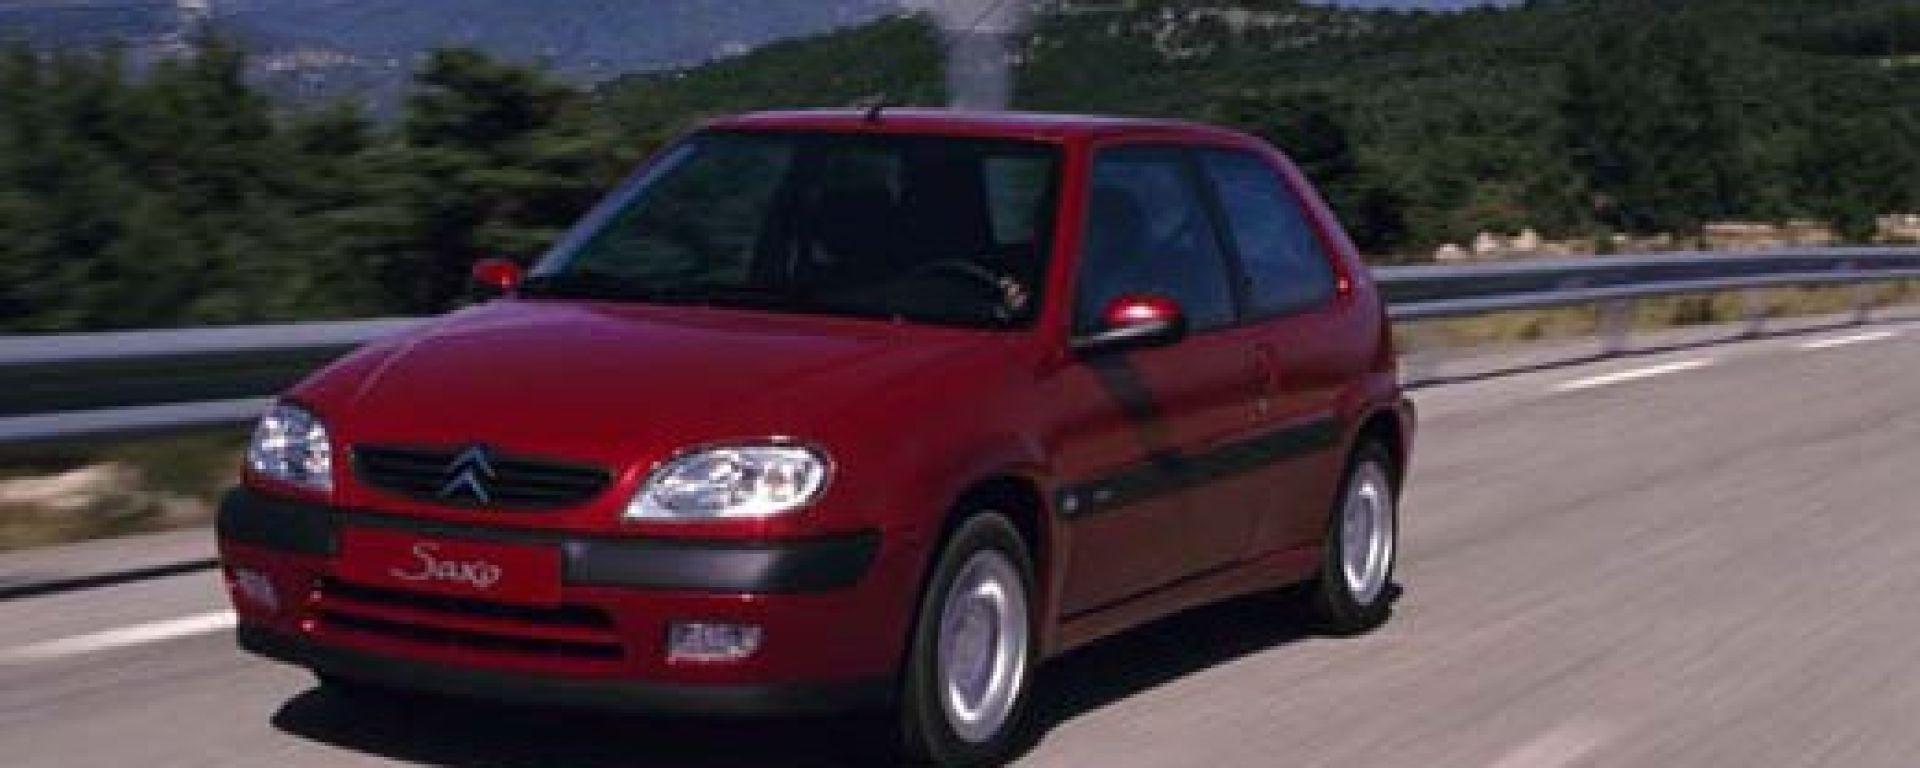 Citroën Saxo my00